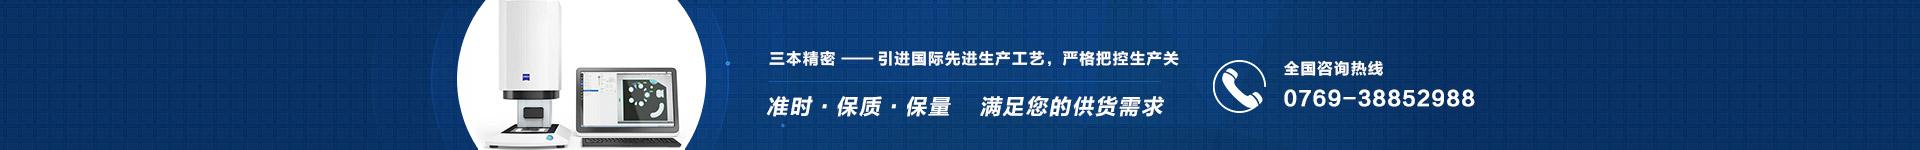 龙洲利-引领国际先进生产工艺